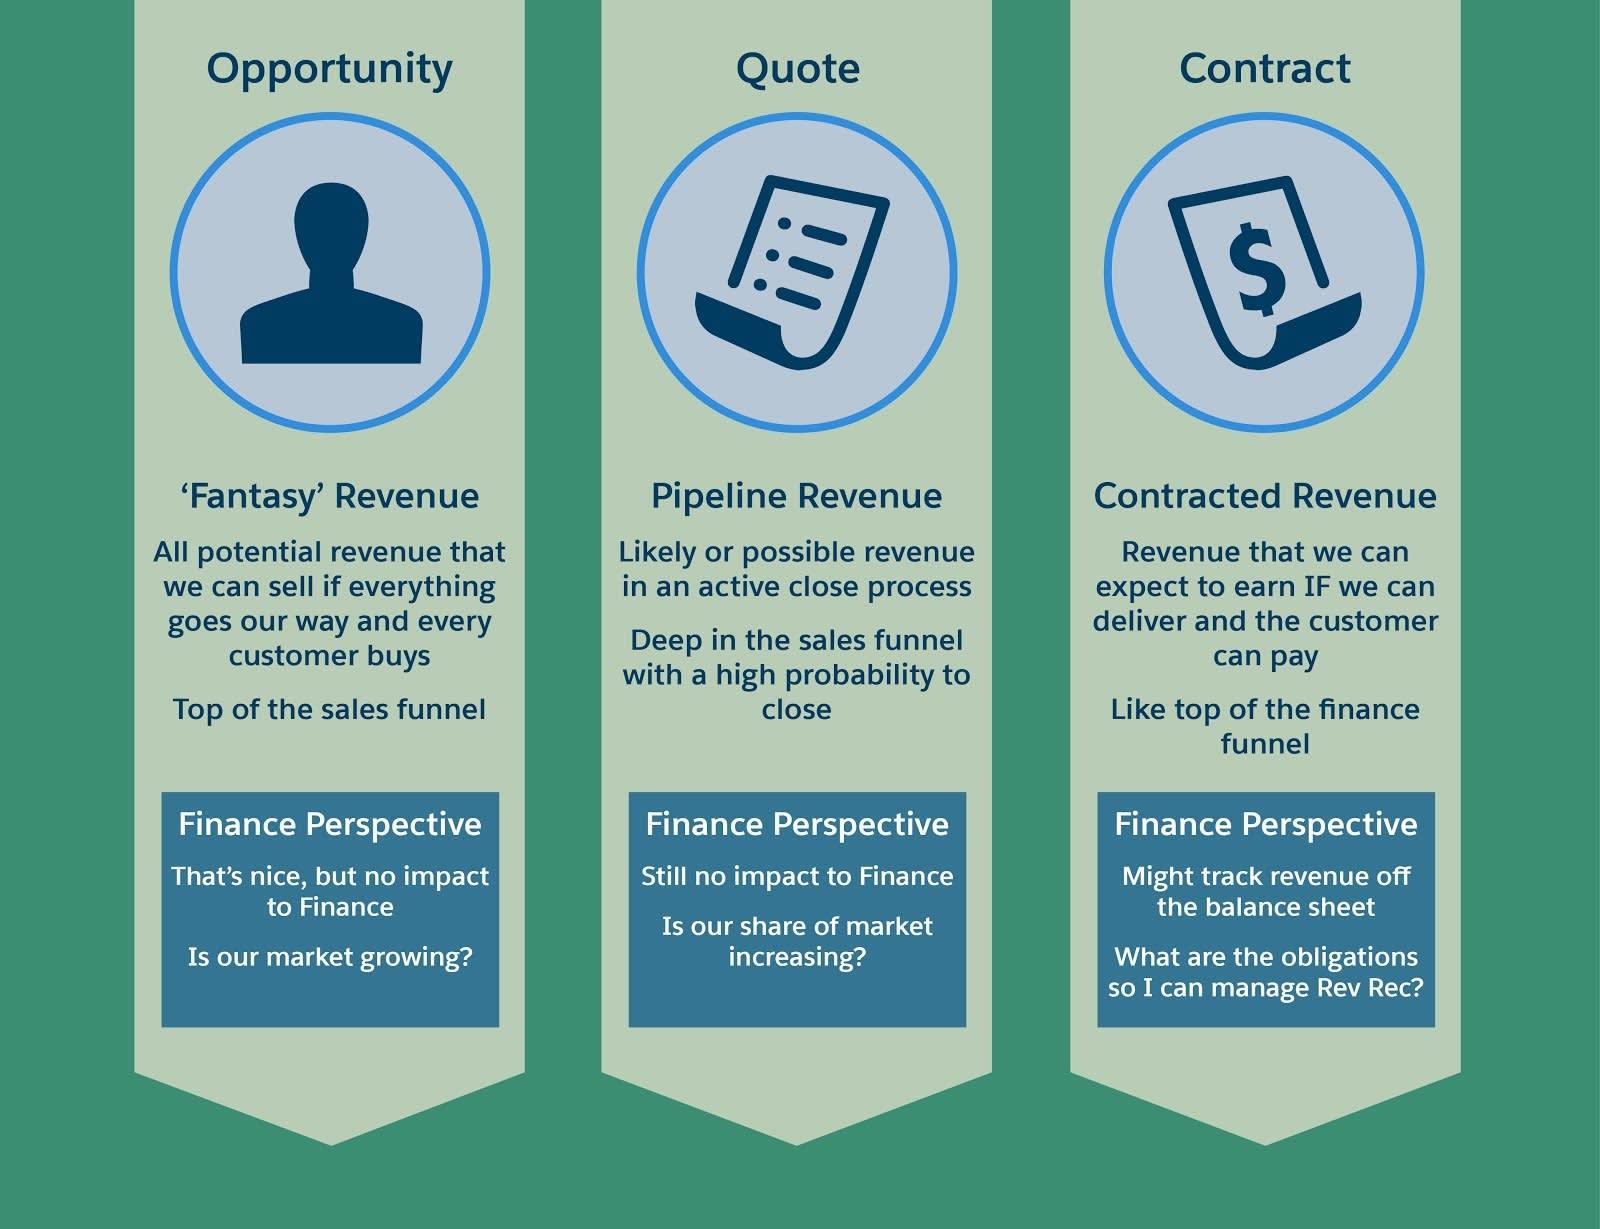 商談、見積、契約など、従来のセールスフェーズは財務との連携がなくサイロ化されています。